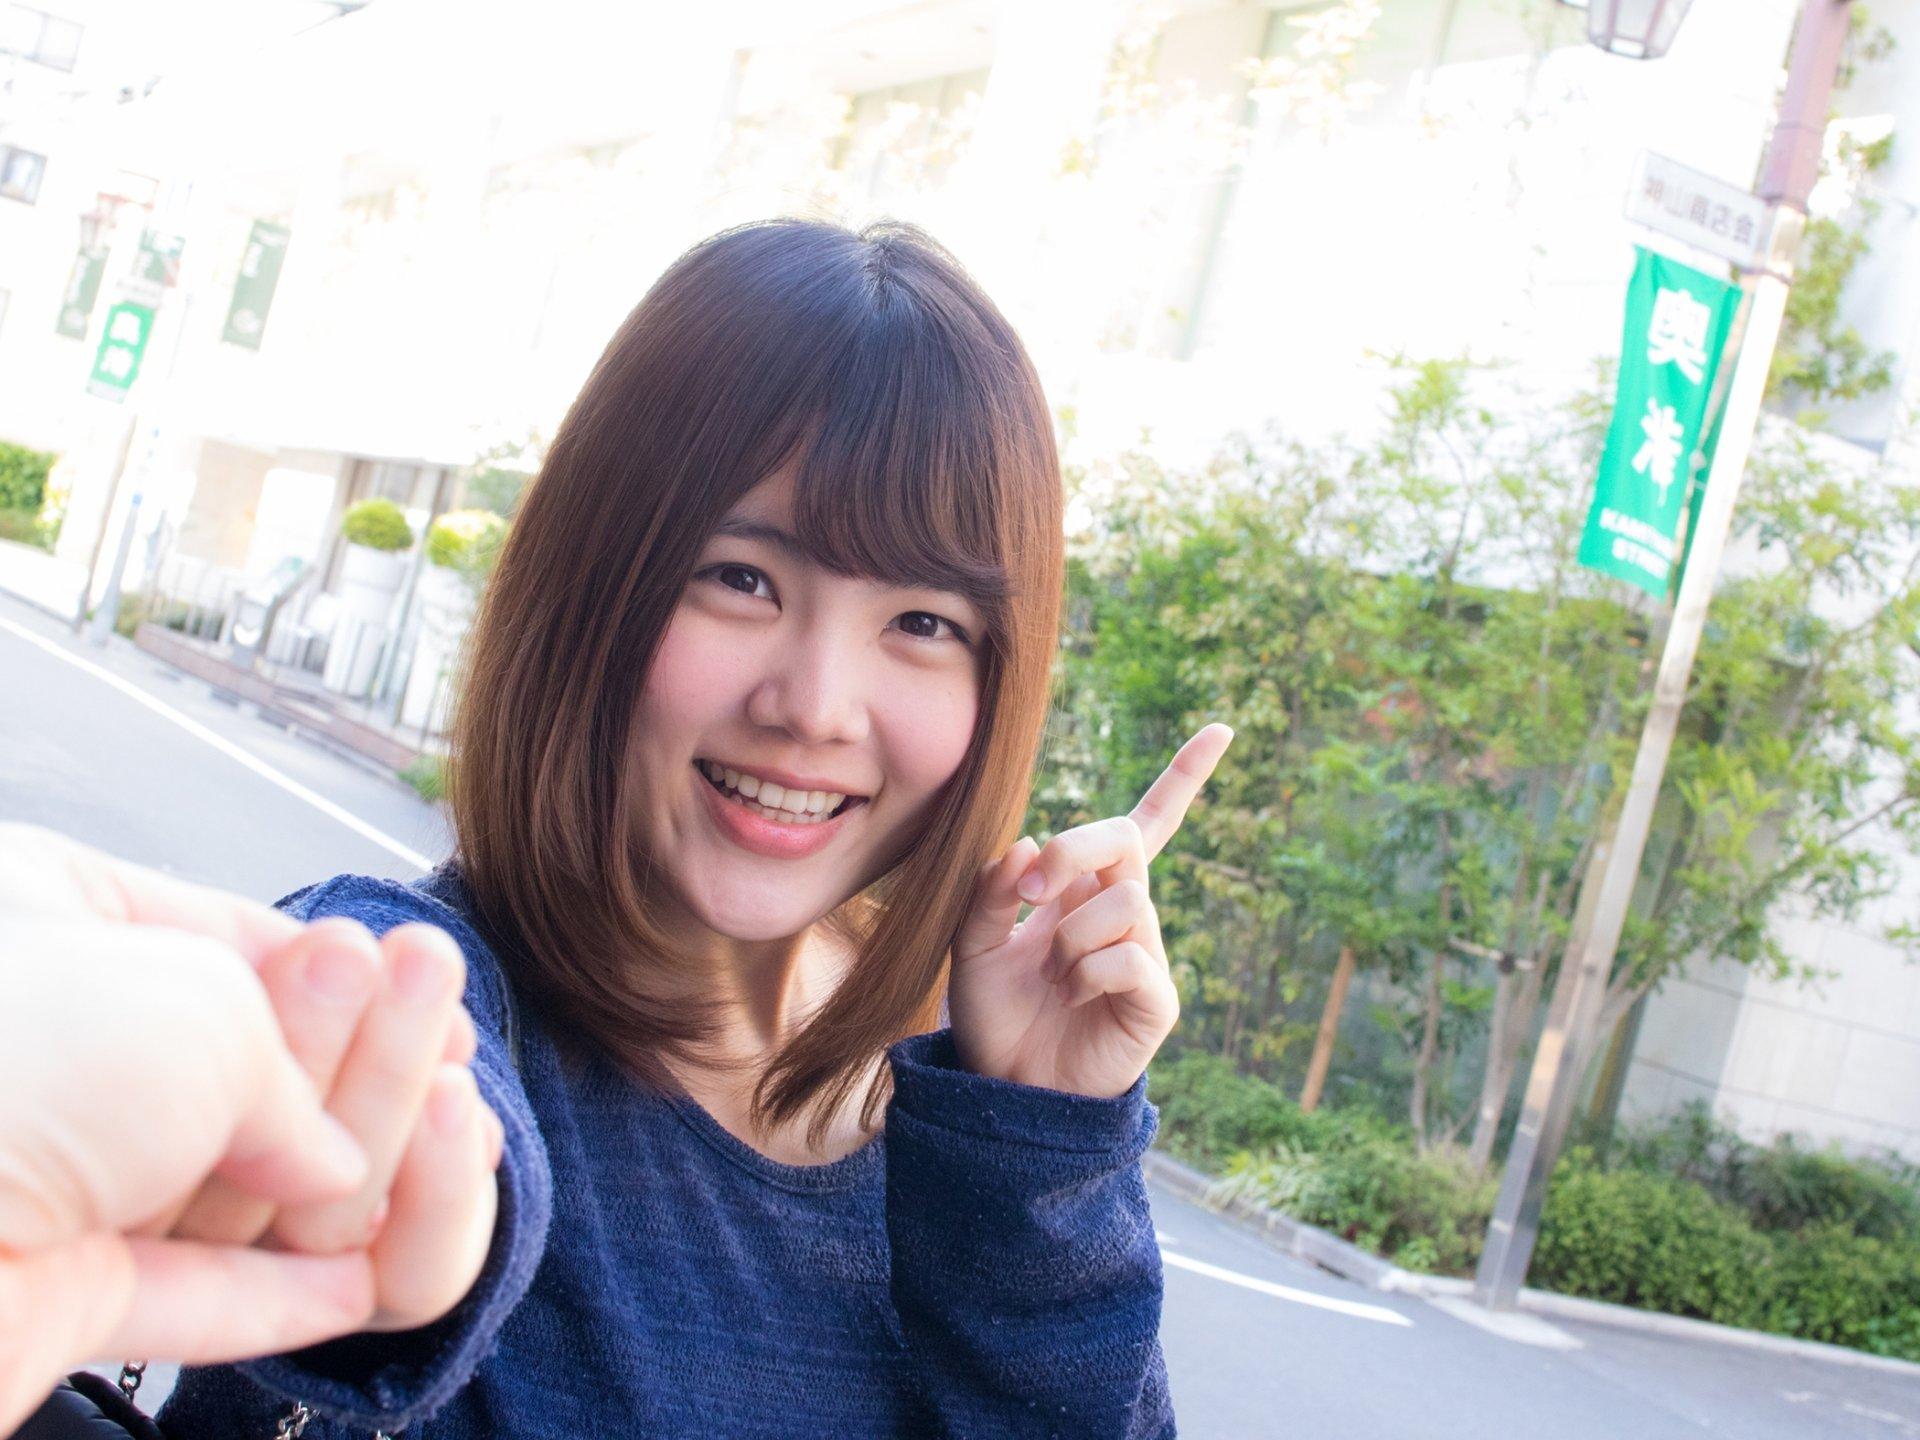 ゆったり奥渋谷デート!おすすめなランチ&ディナー10選♡